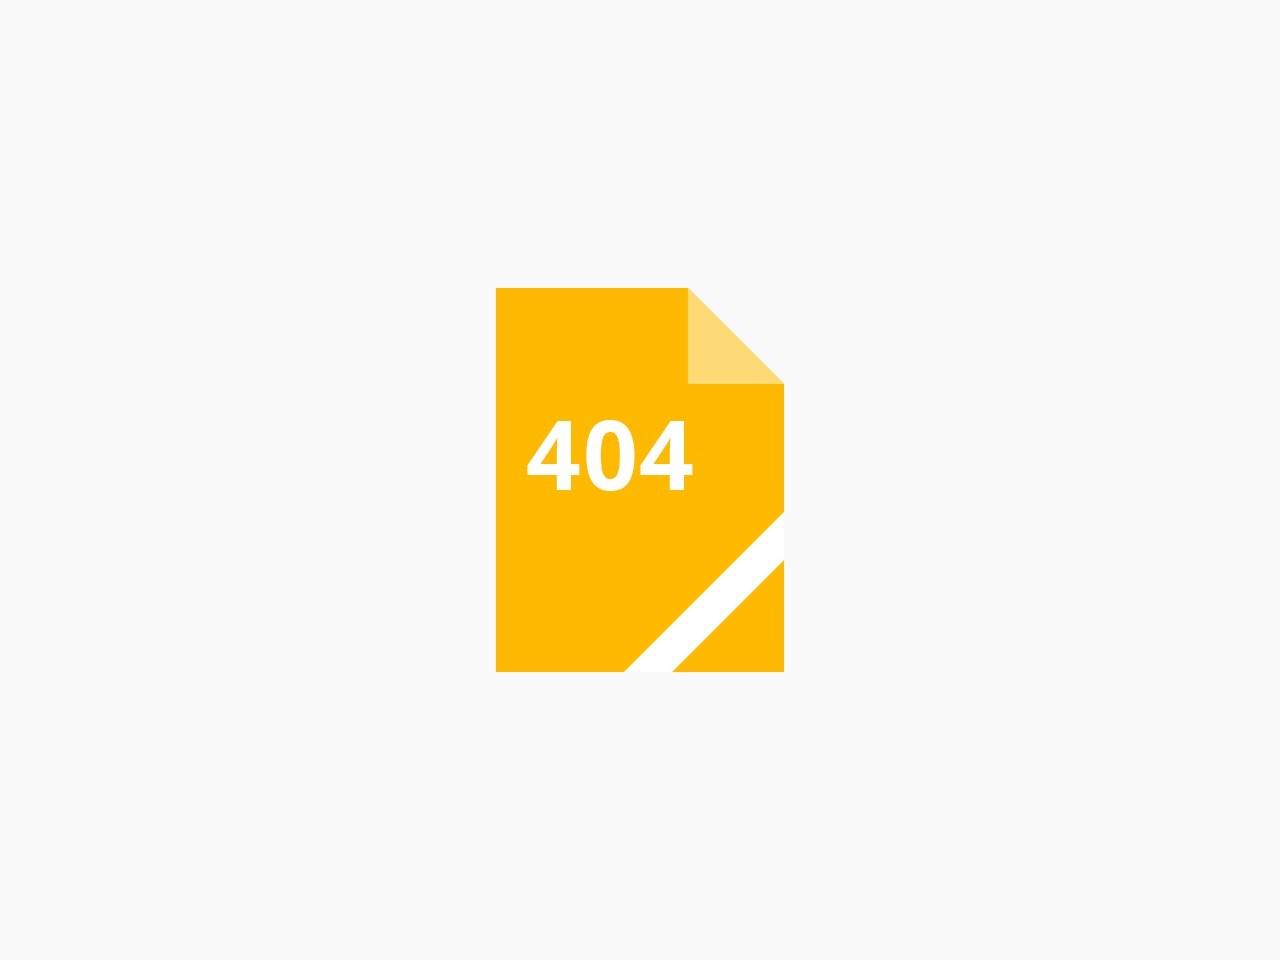 游乐网_好玩的单机游戏下载基地_游6网